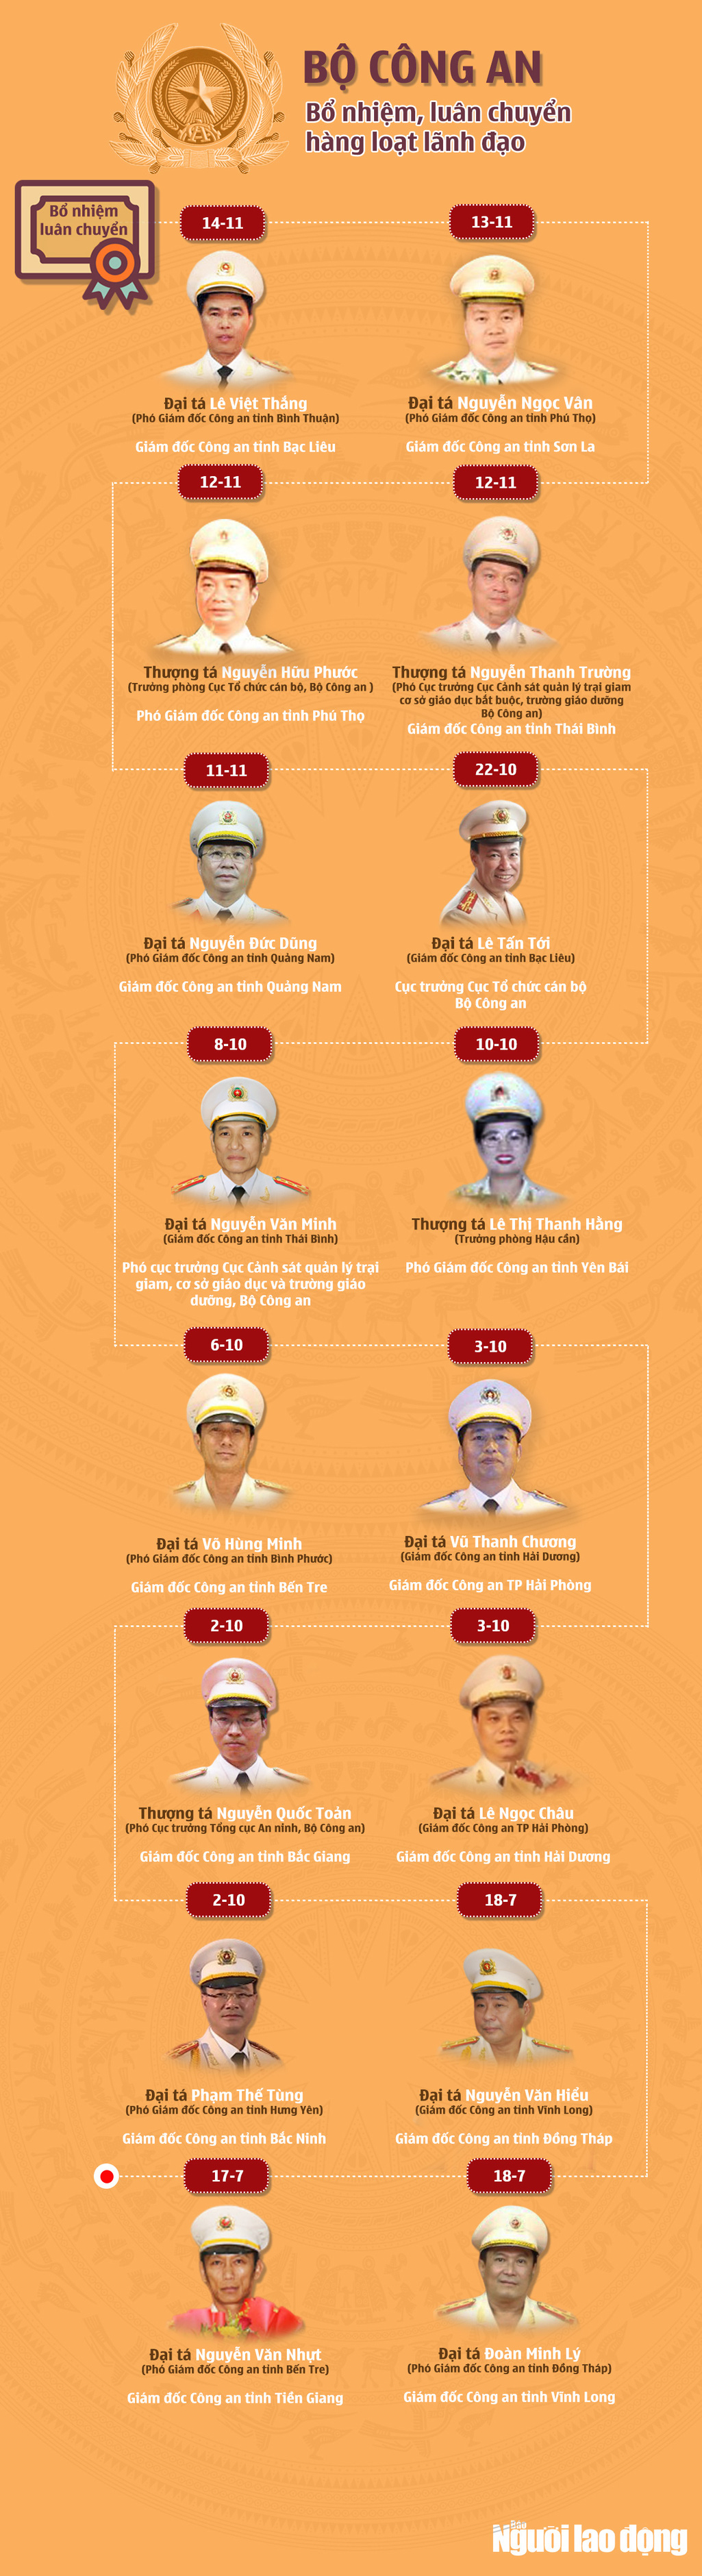 [Infographic] Bộ Công an bổ nhiệm, luân chuyển hàng loạt lãnh đạo - Ảnh 1.